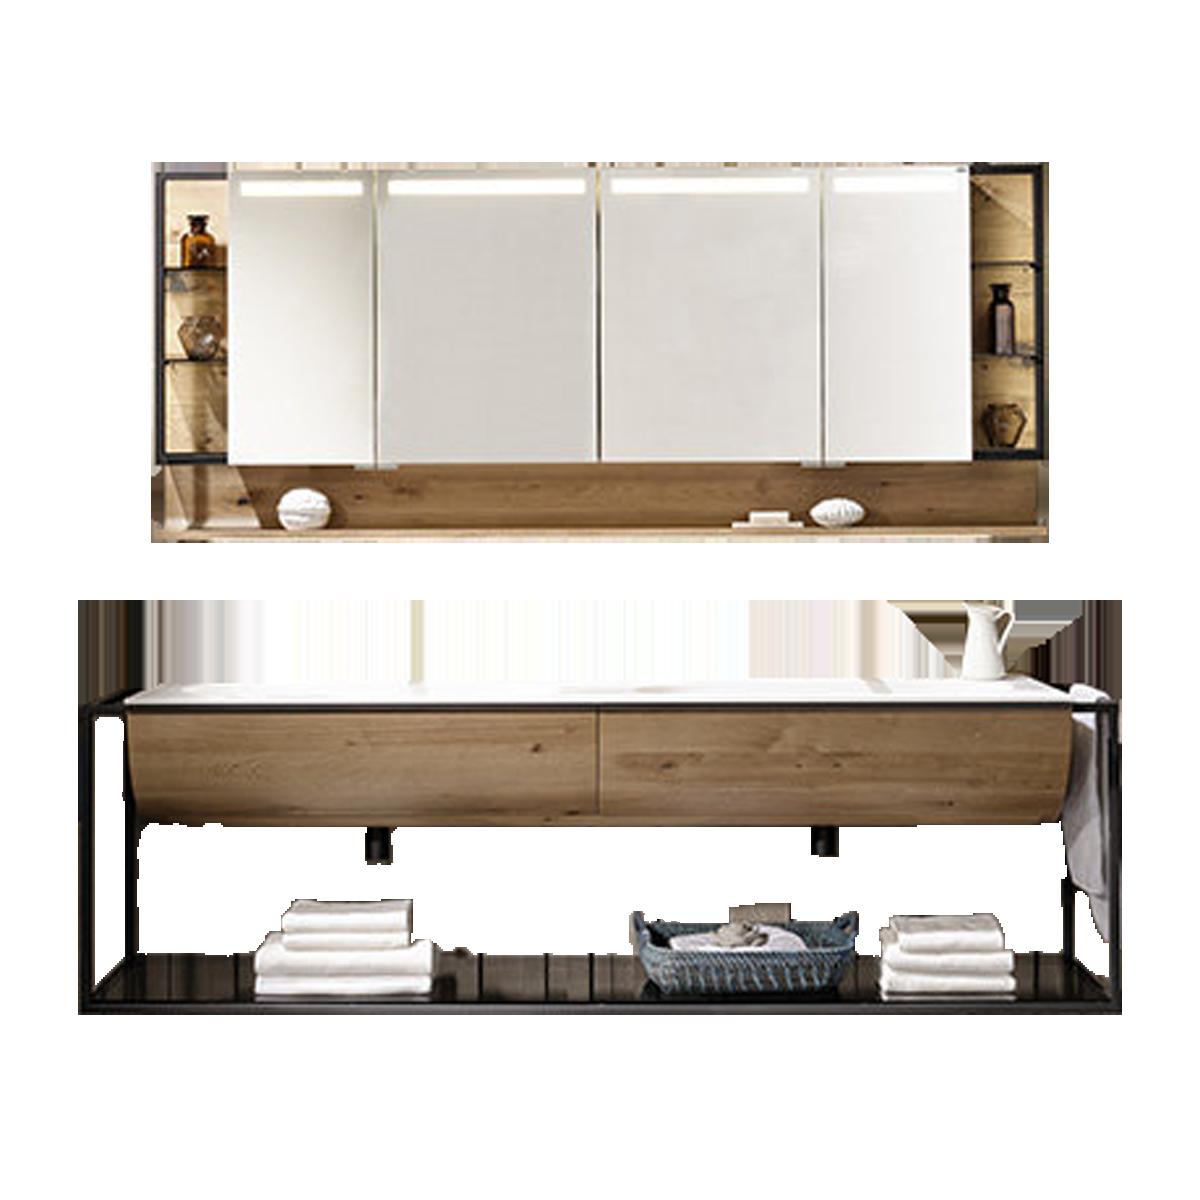 Voglauer V Quell Badezimmer Einrichtung Badkombination Mit Doppelwaschtischunterschrank Und Spiegelschrank Mit Regal Korpus Und Front Alteiche Rustiko